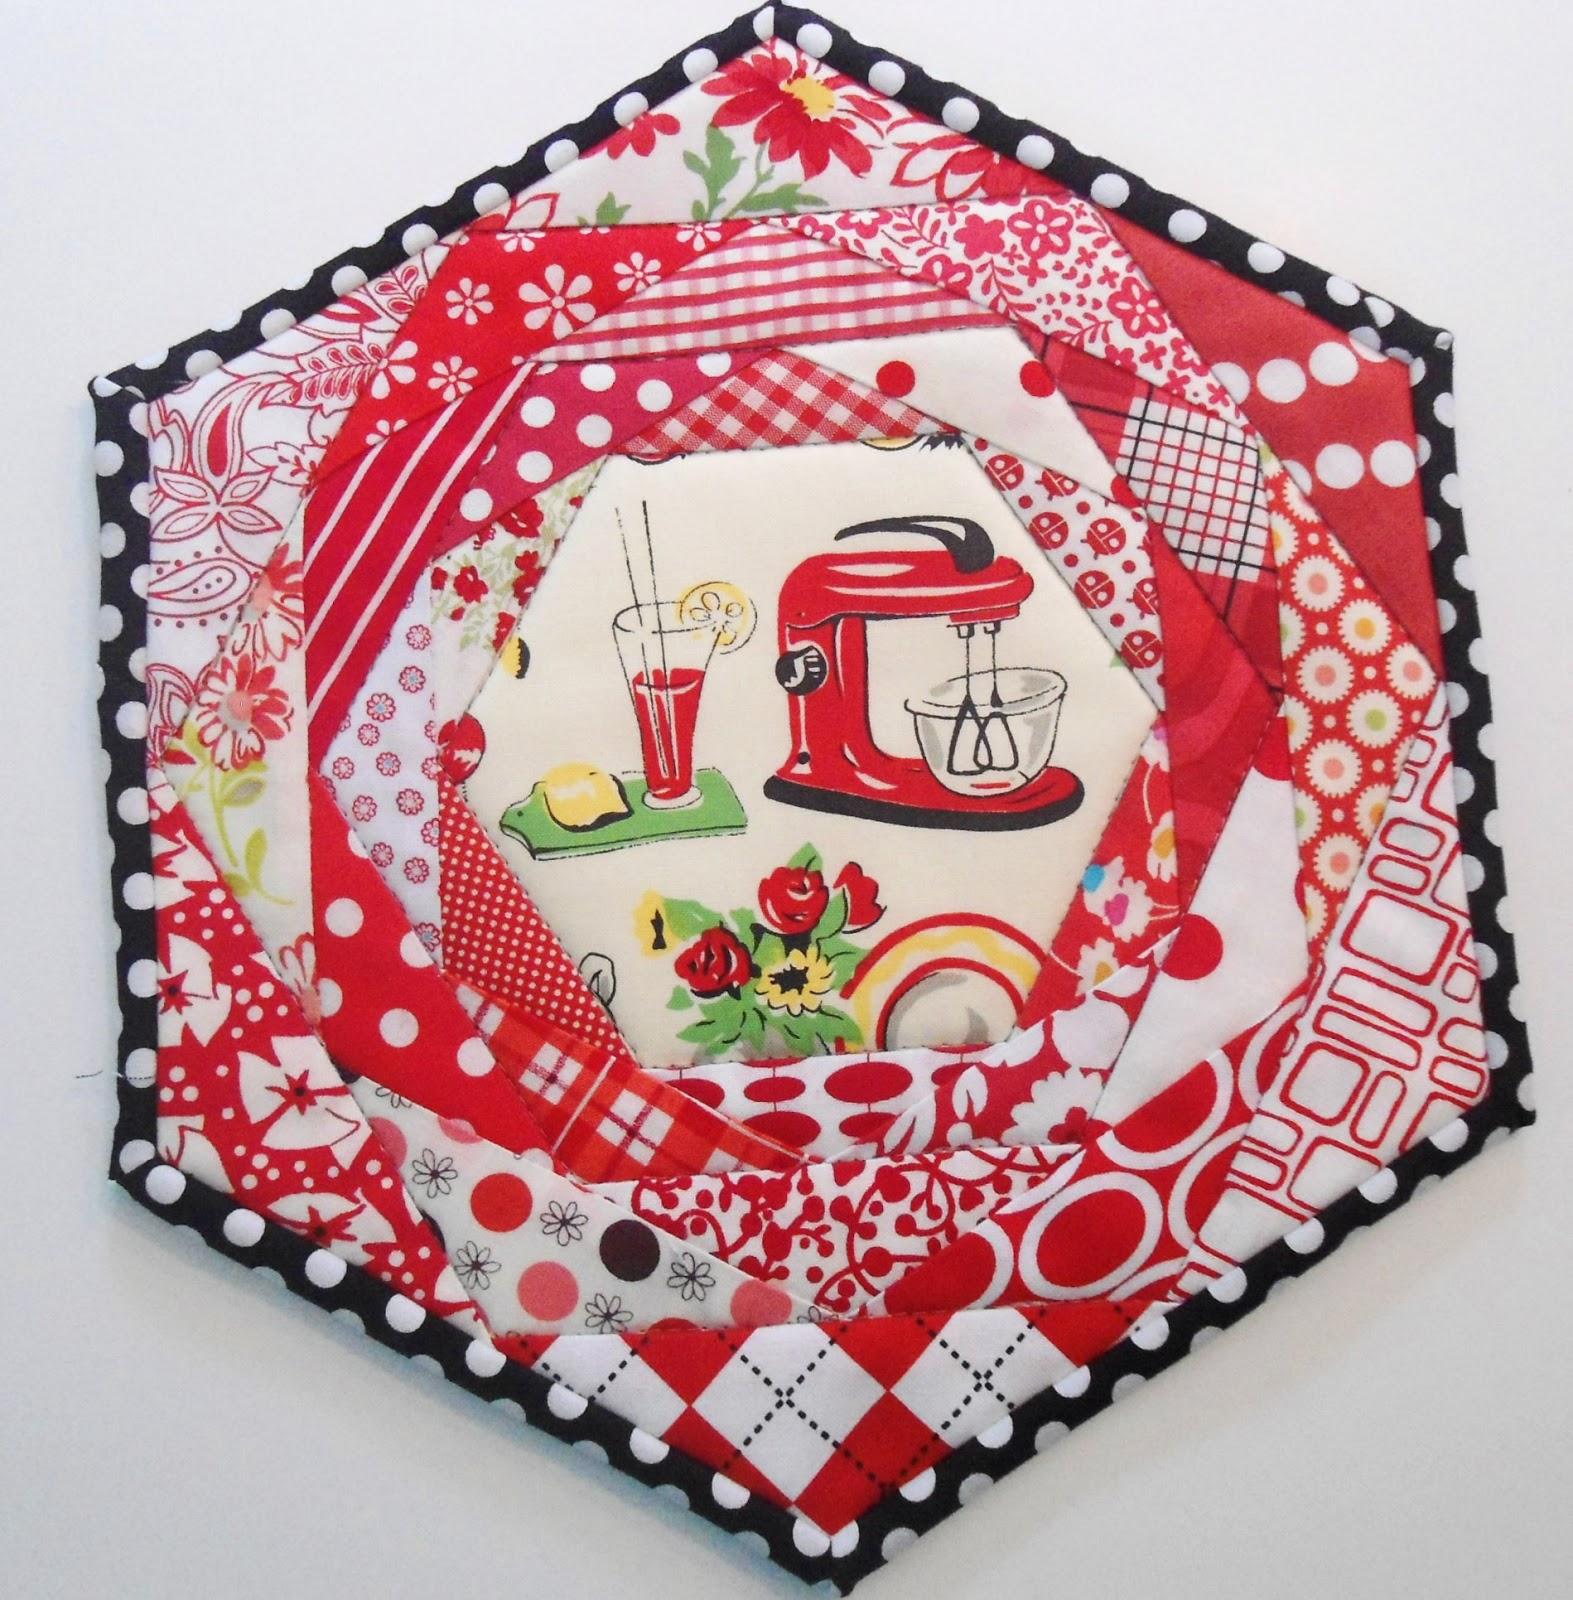 Pinkadot Quilts: More Mug Rugs